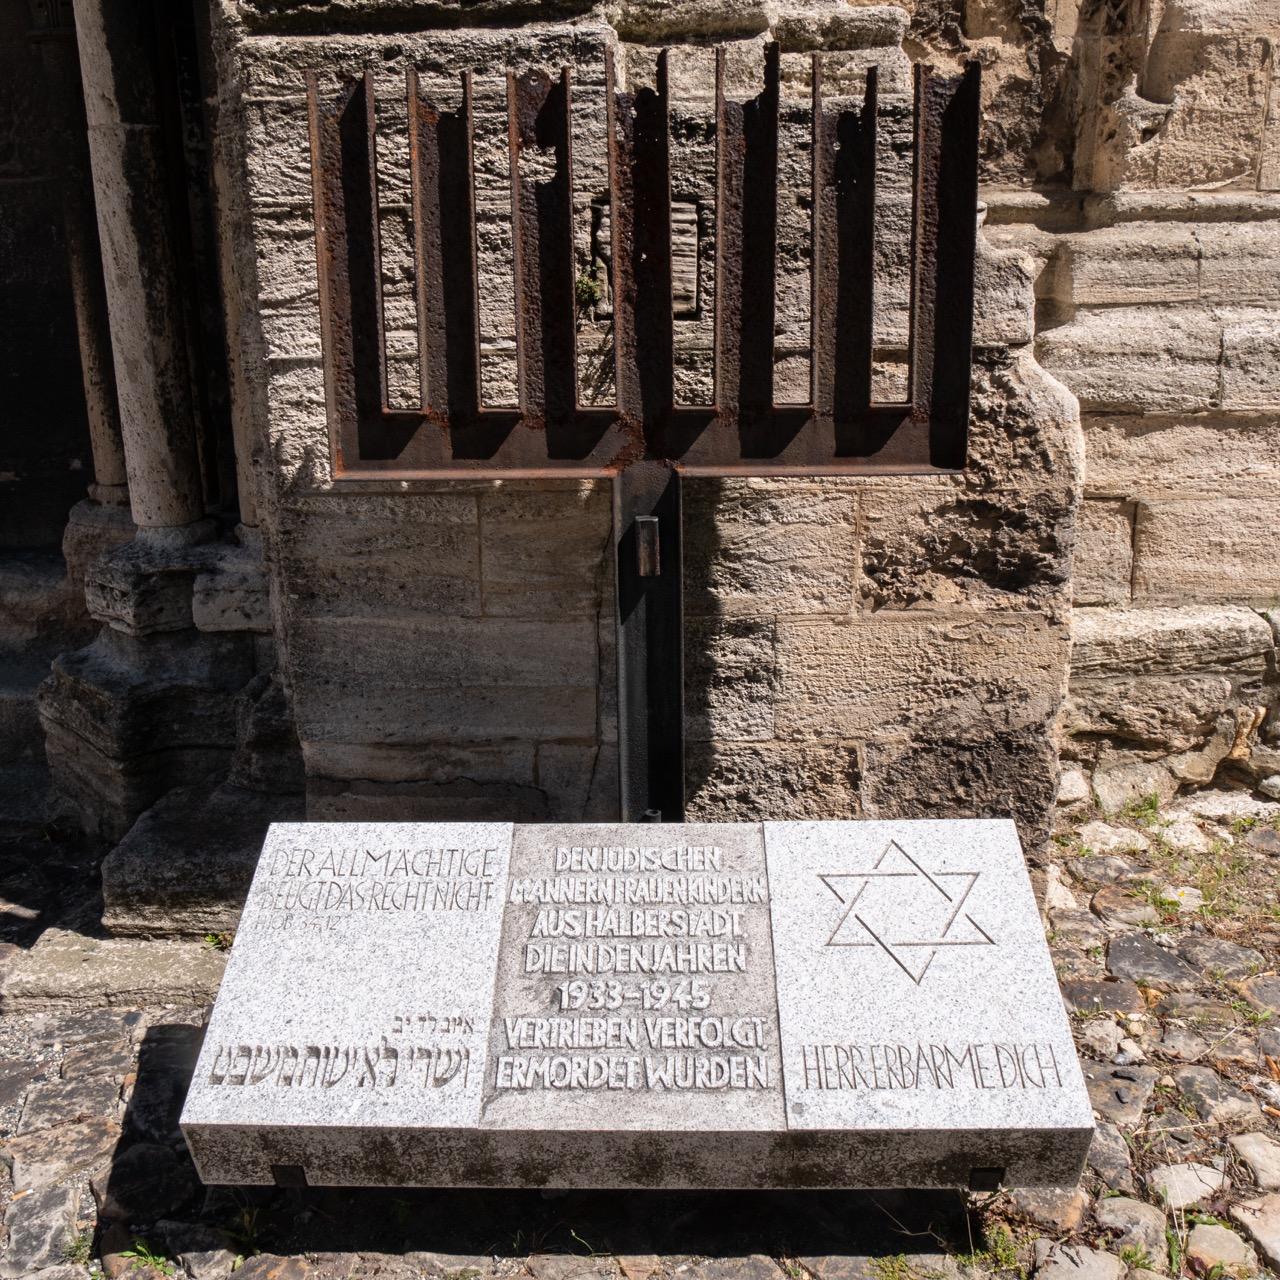 Geborstene Menora zur Erinnerung der Holocaust-Opfer